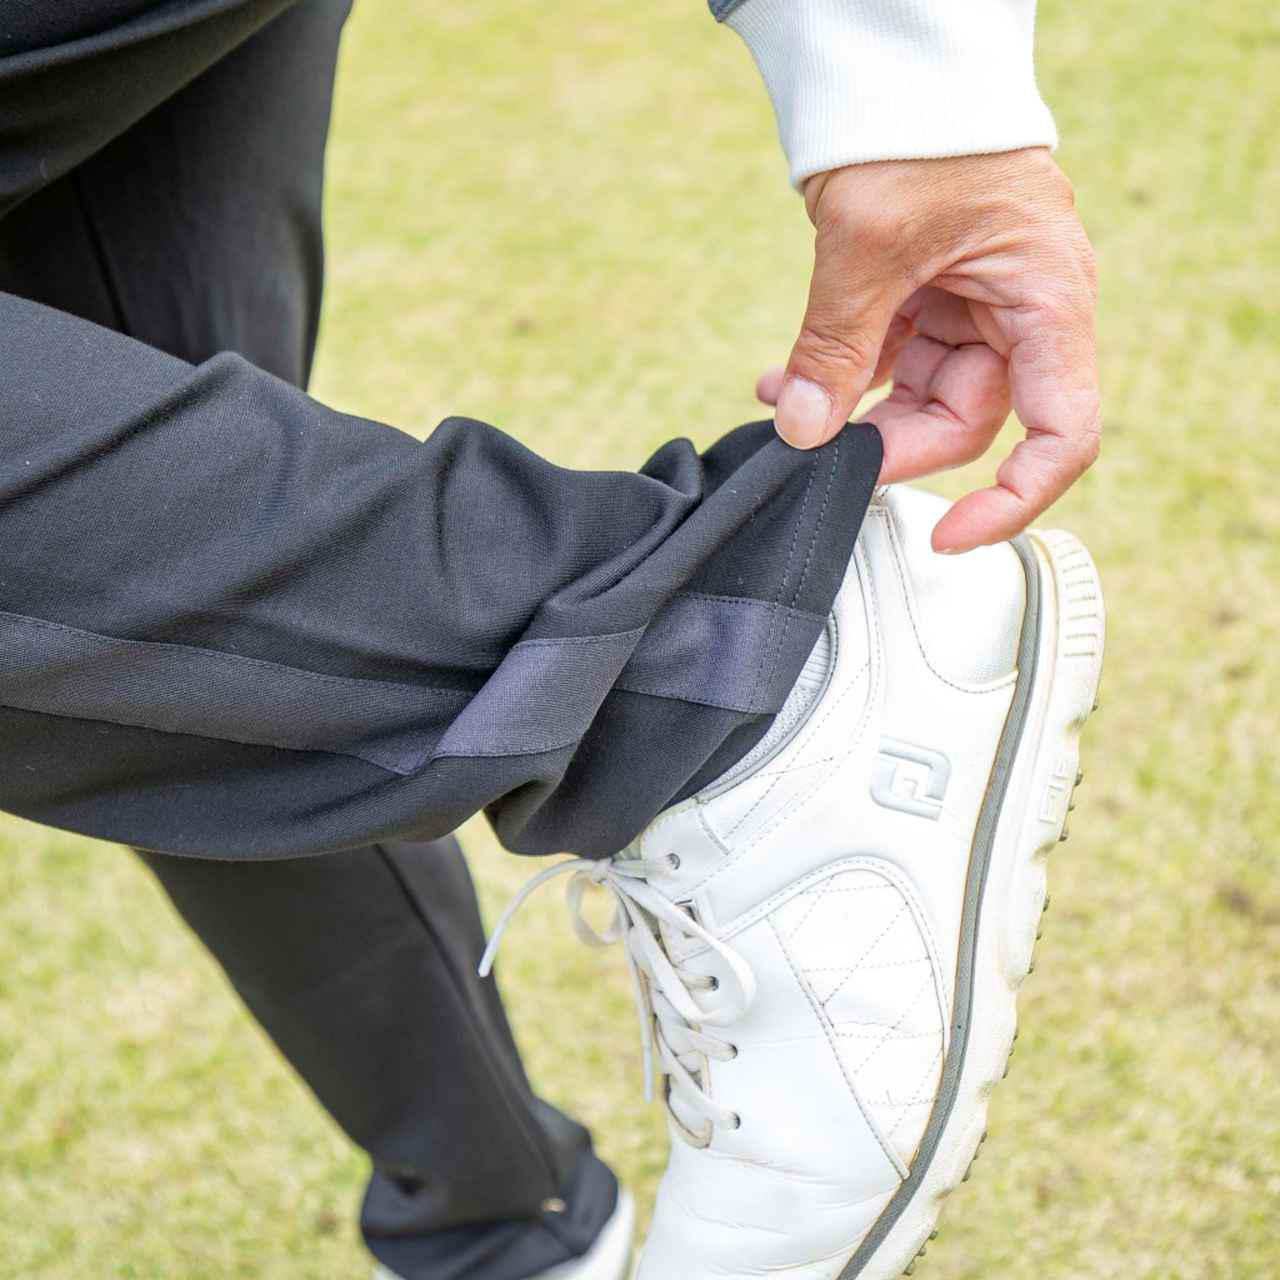 """画像: 【ゴルフウェア】機能もりだくさん! 人と被り知らずの""""優越ブルゾン"""" グレーと黒の2カラーをご用意"""